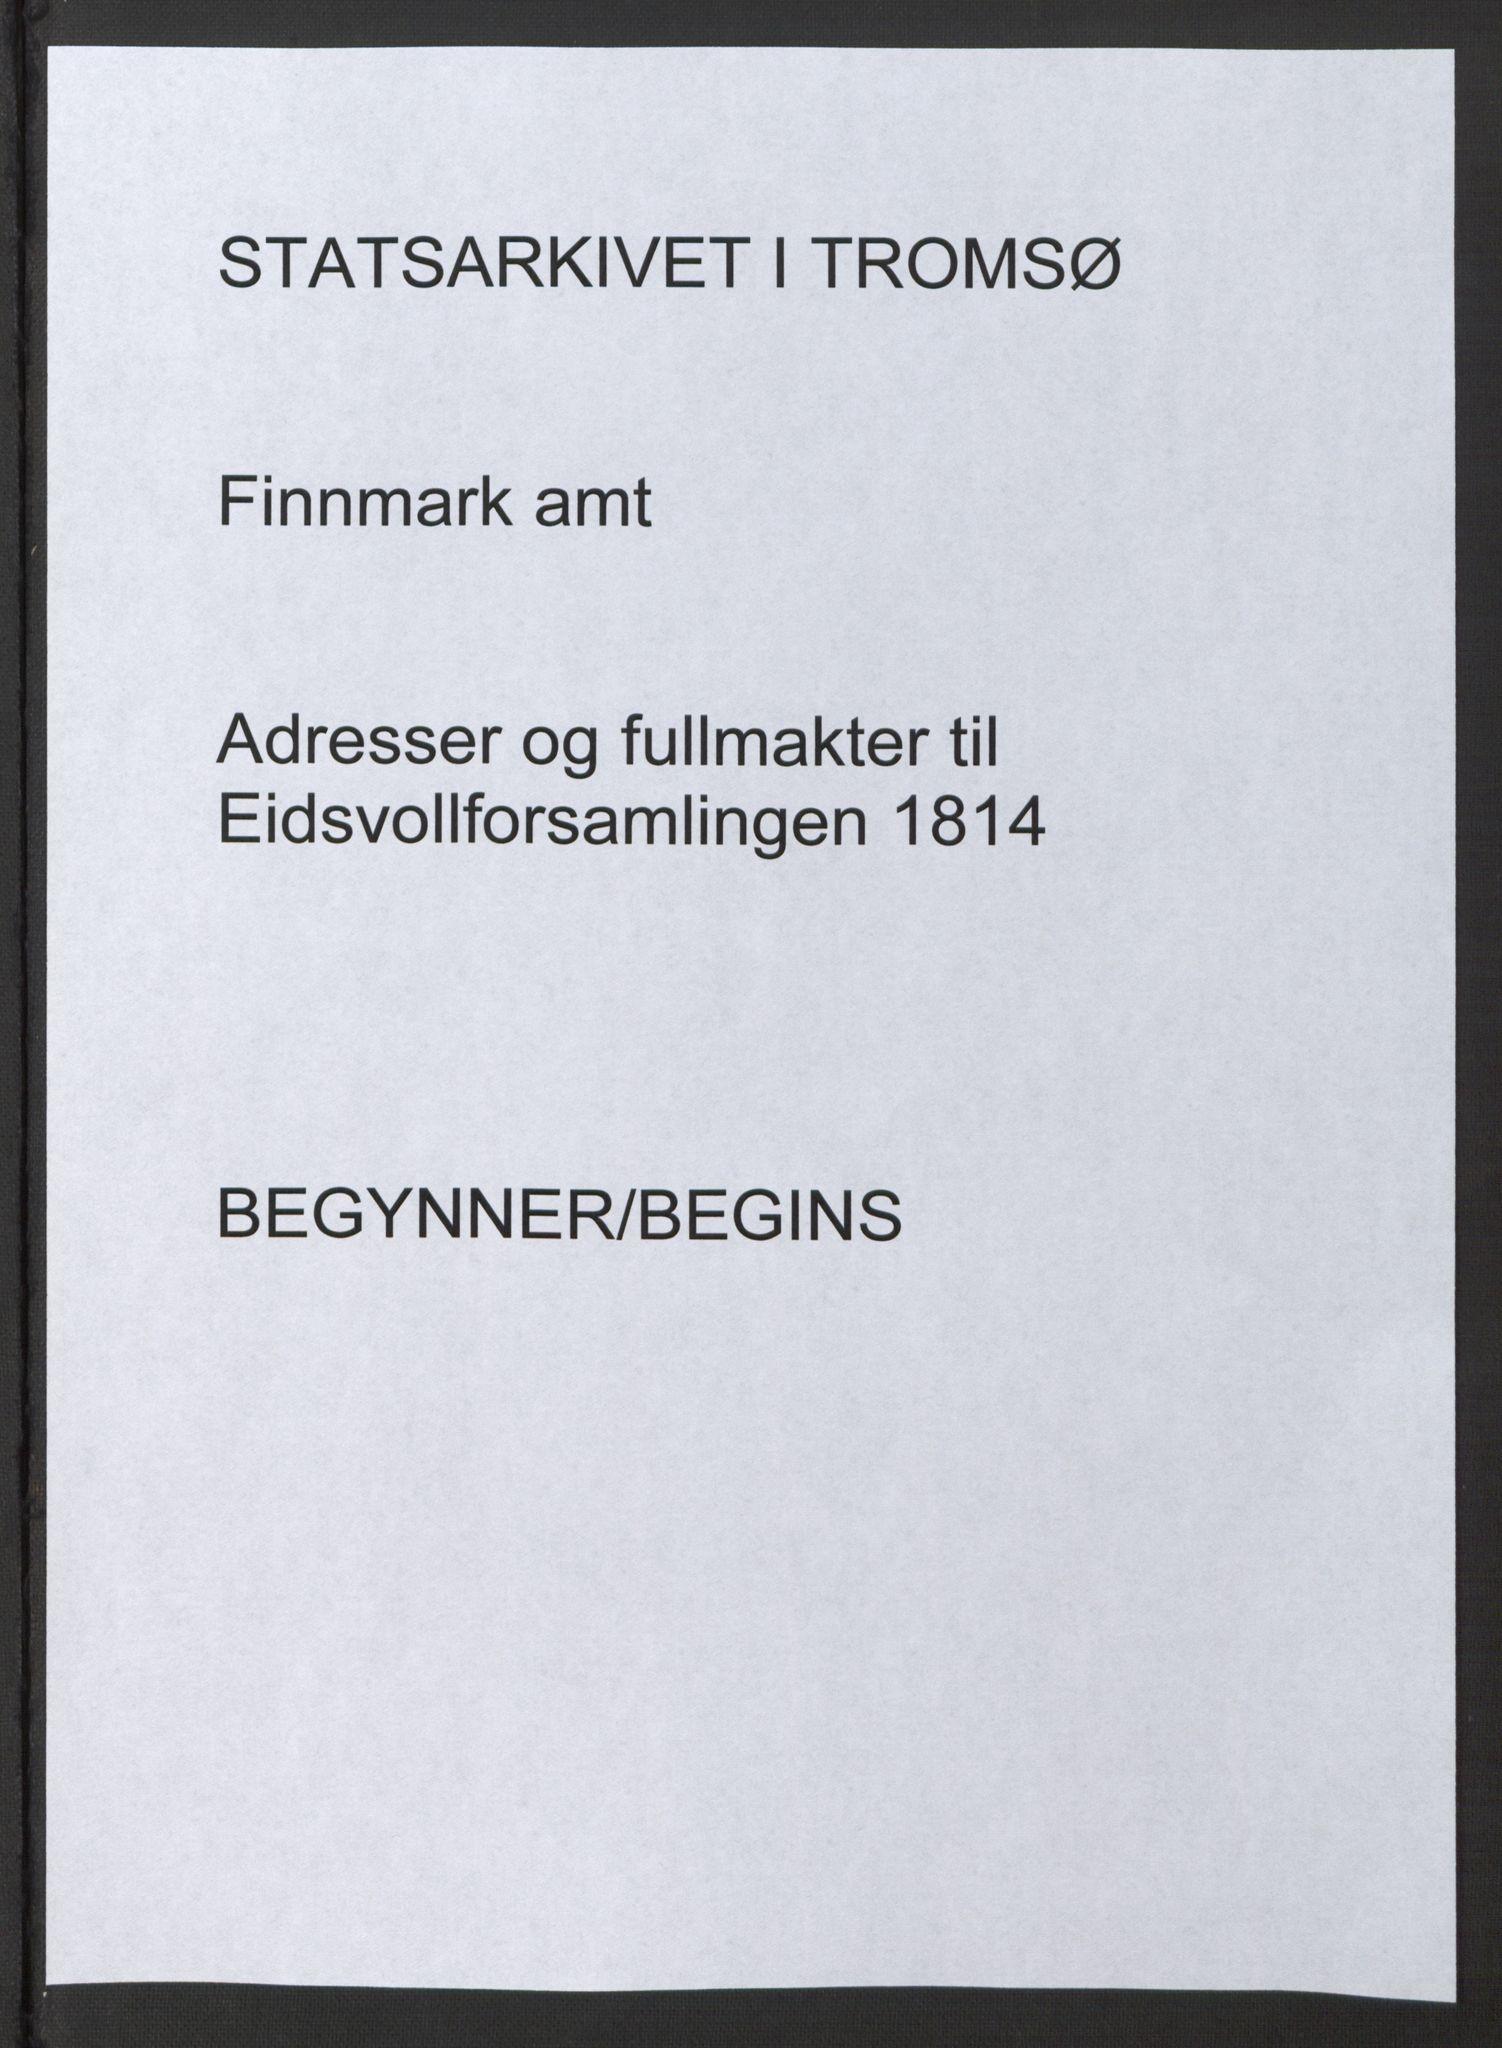 SATØ, Fylkesmannen i Finnmark, 1814, p. 1